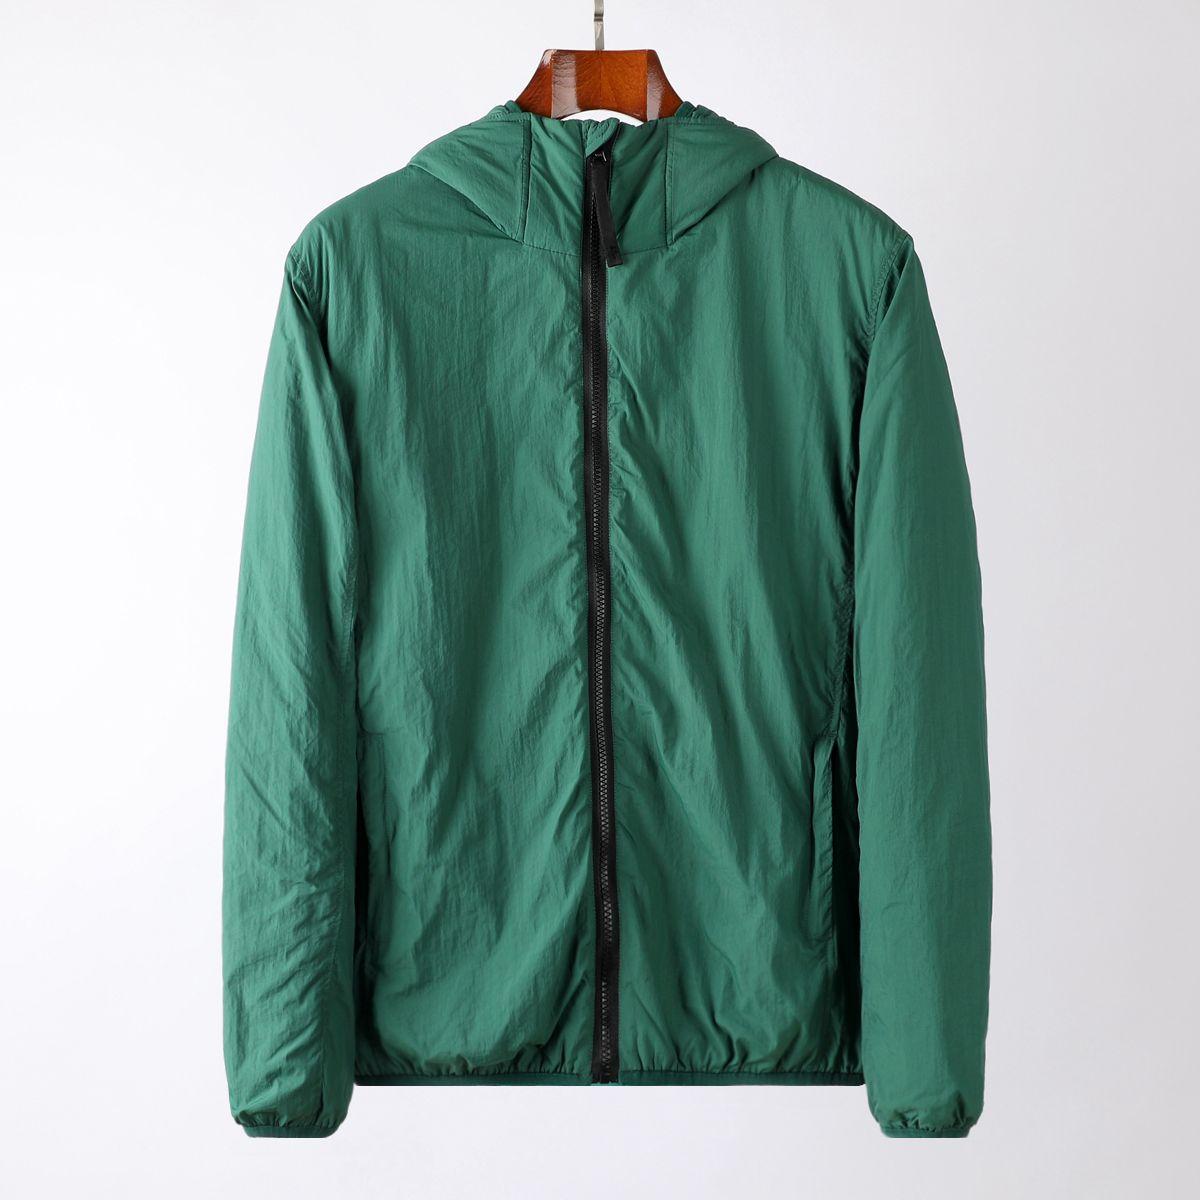 Cyberpunk Topstoney Windbreaker Hommes Jacket Casual Sweat-shirt Fashion Streetwear Zipper Windrunner Automne Manteau 2 Couleur Taille M-XXL